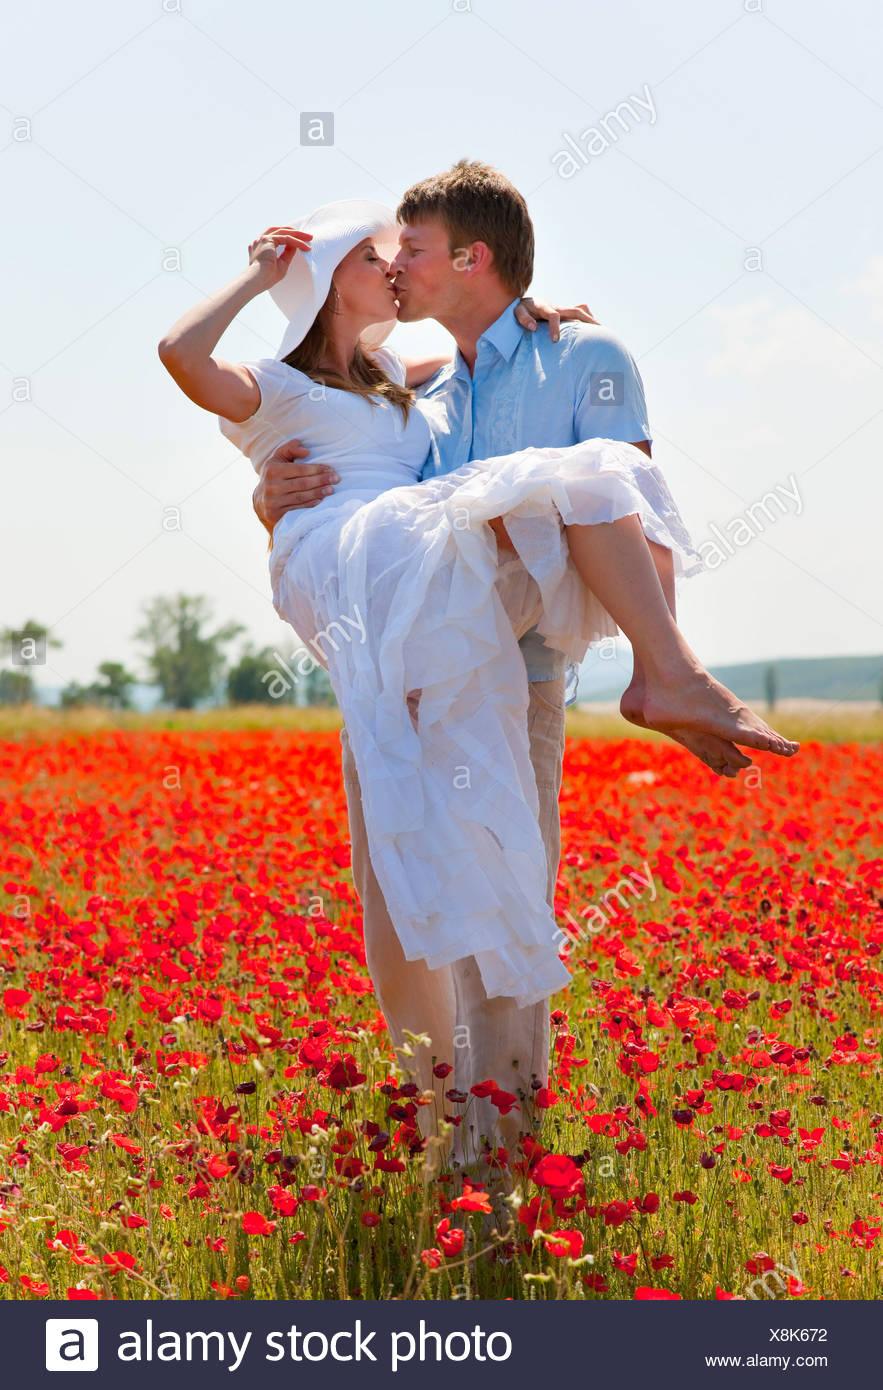 Pareja besándose en campo de amapolas Imagen De Stock